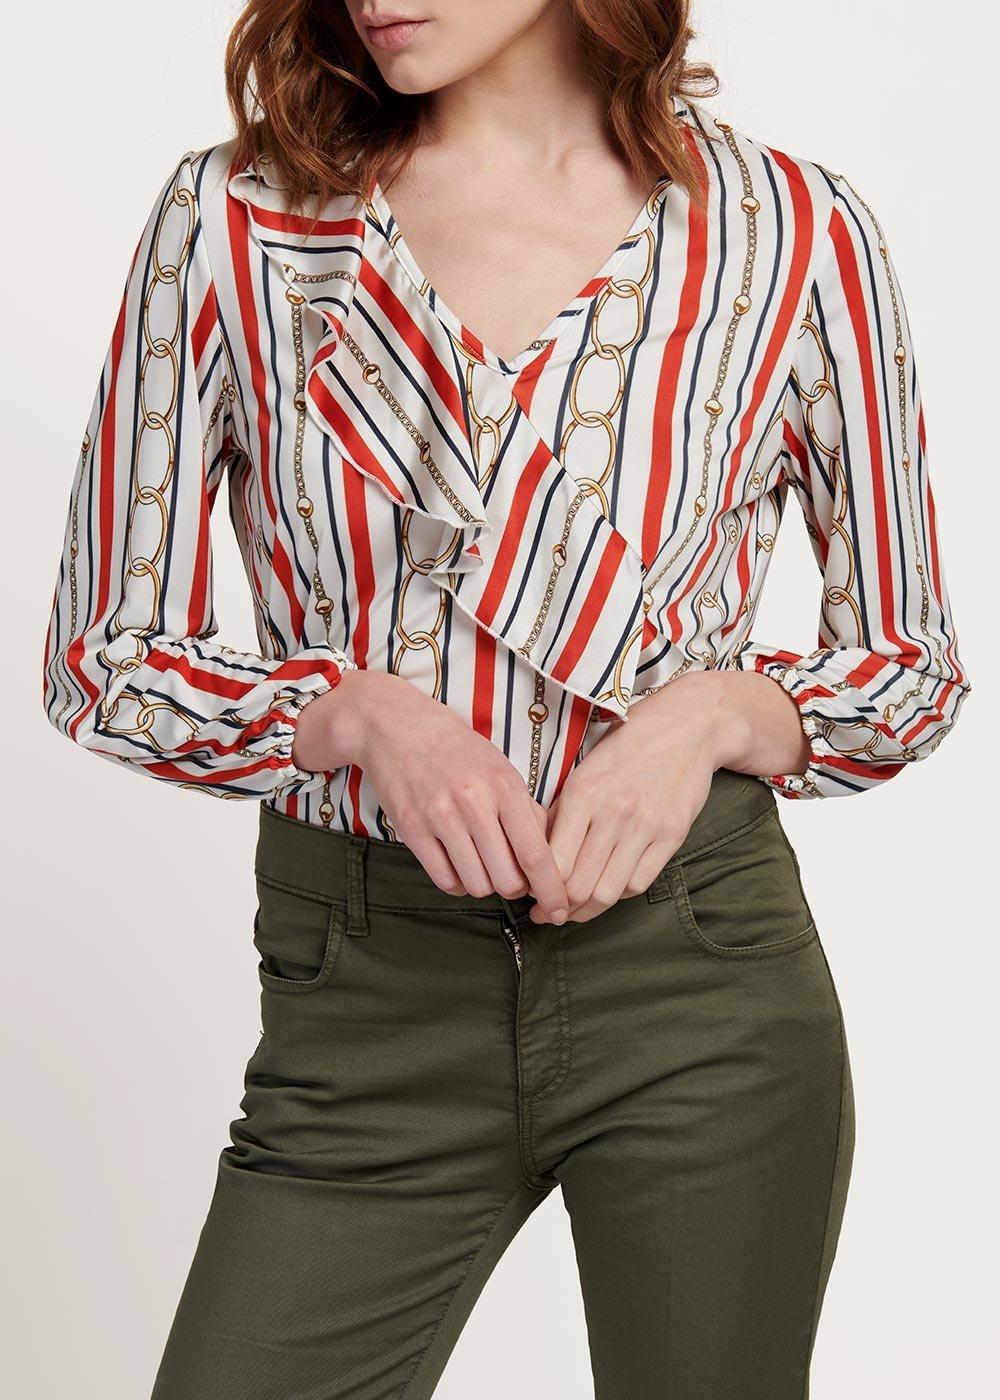 T-shirt Carmen fantasia righe e catene - White / Blu / Stripes - Donna